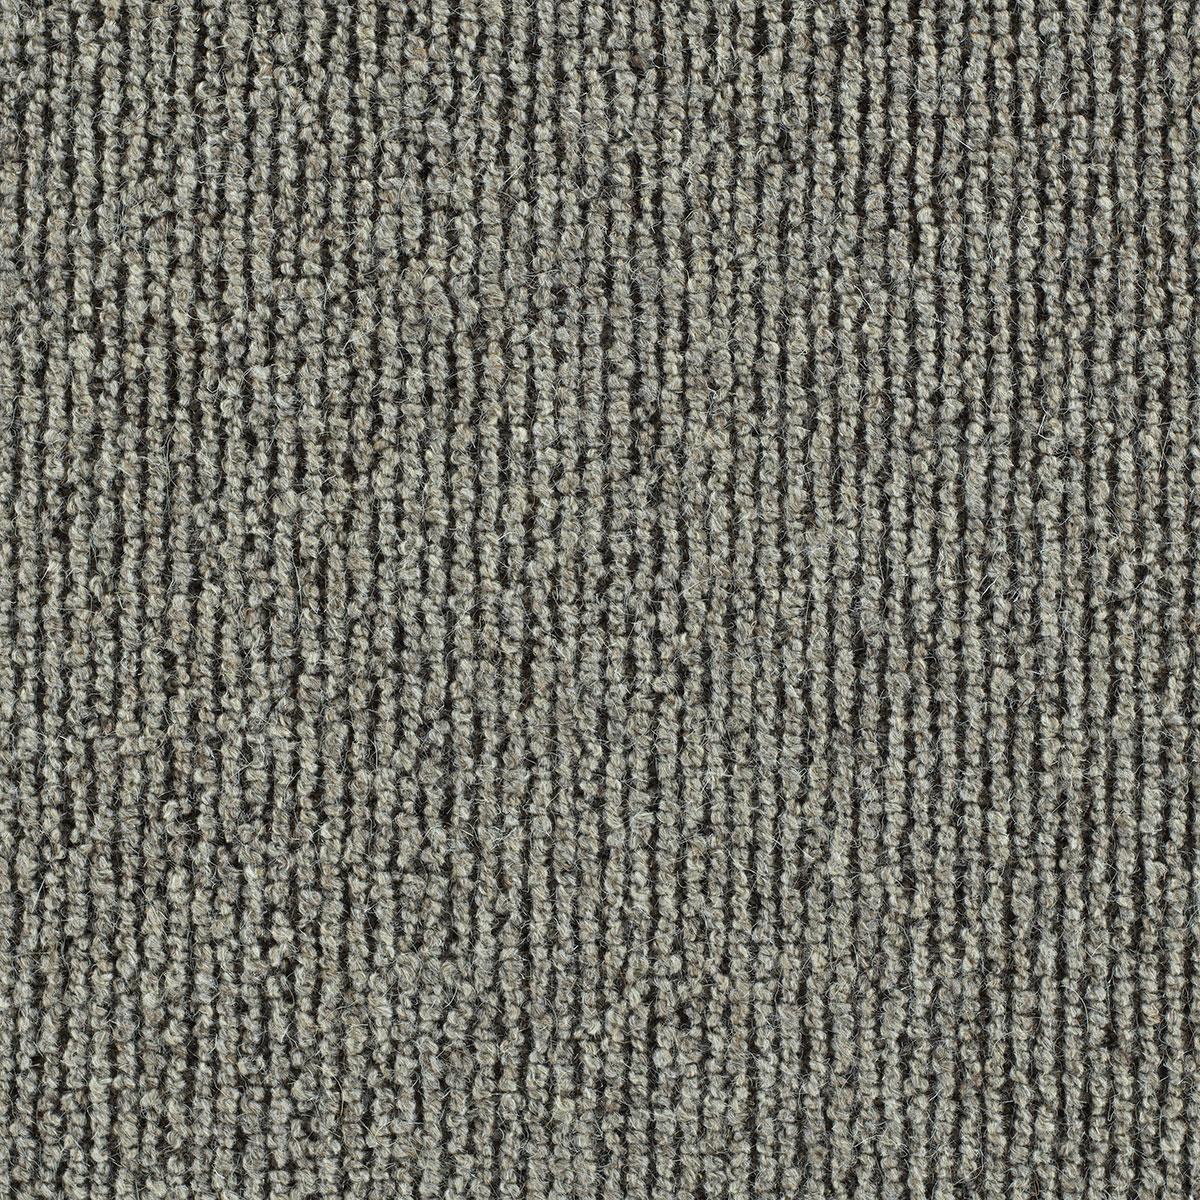 Light Grey/Medium Grey | J Mish Mills